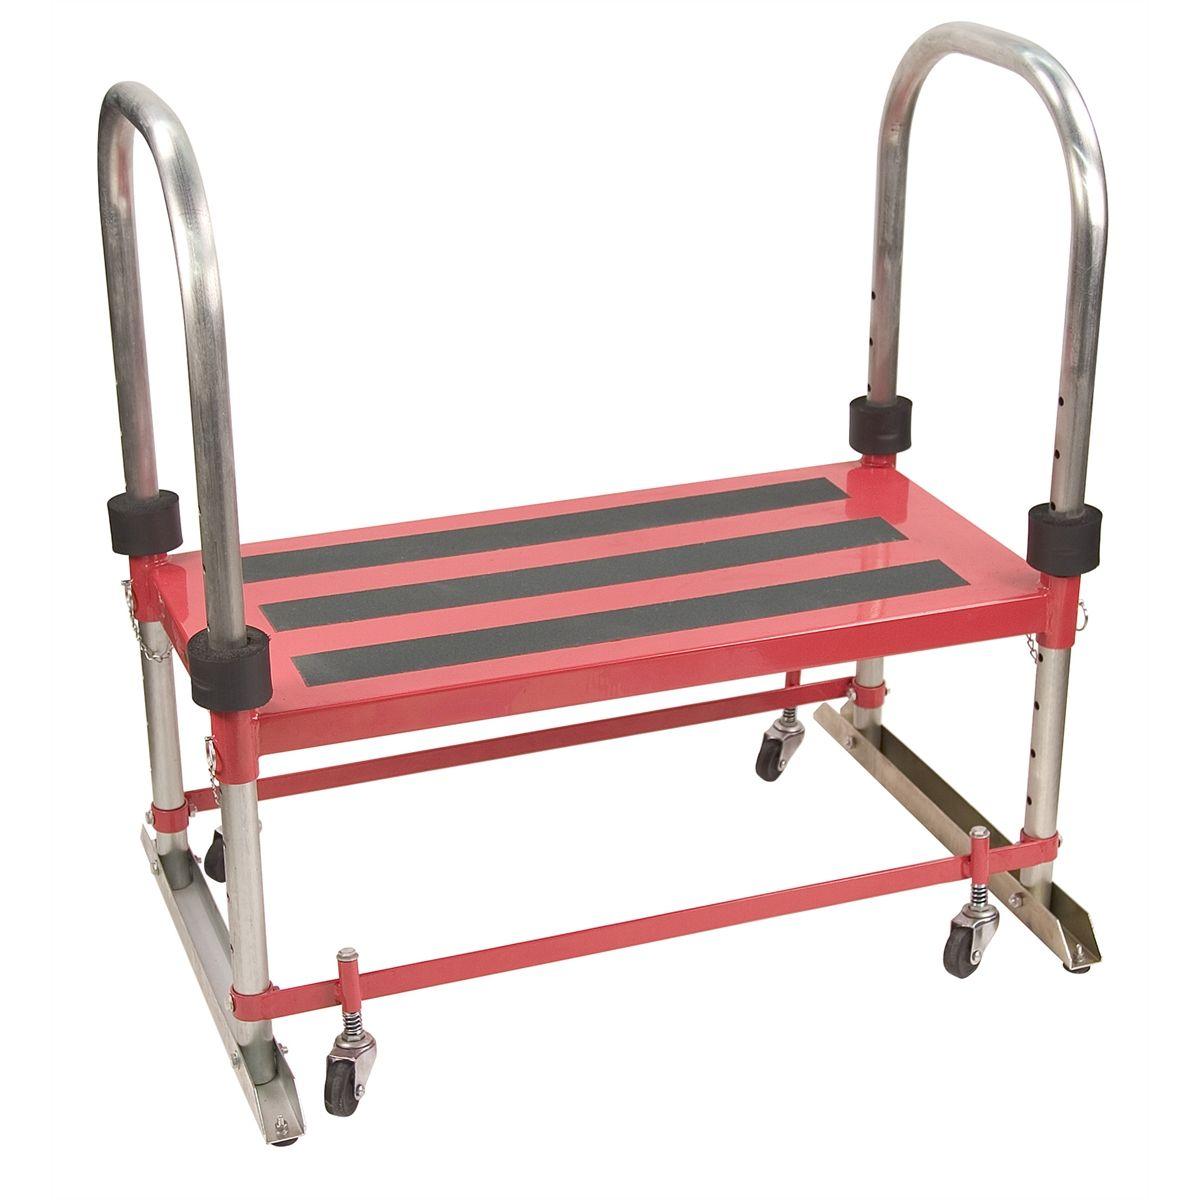 Steck Manufacturing 20350 Pro Step Adjustable Platform